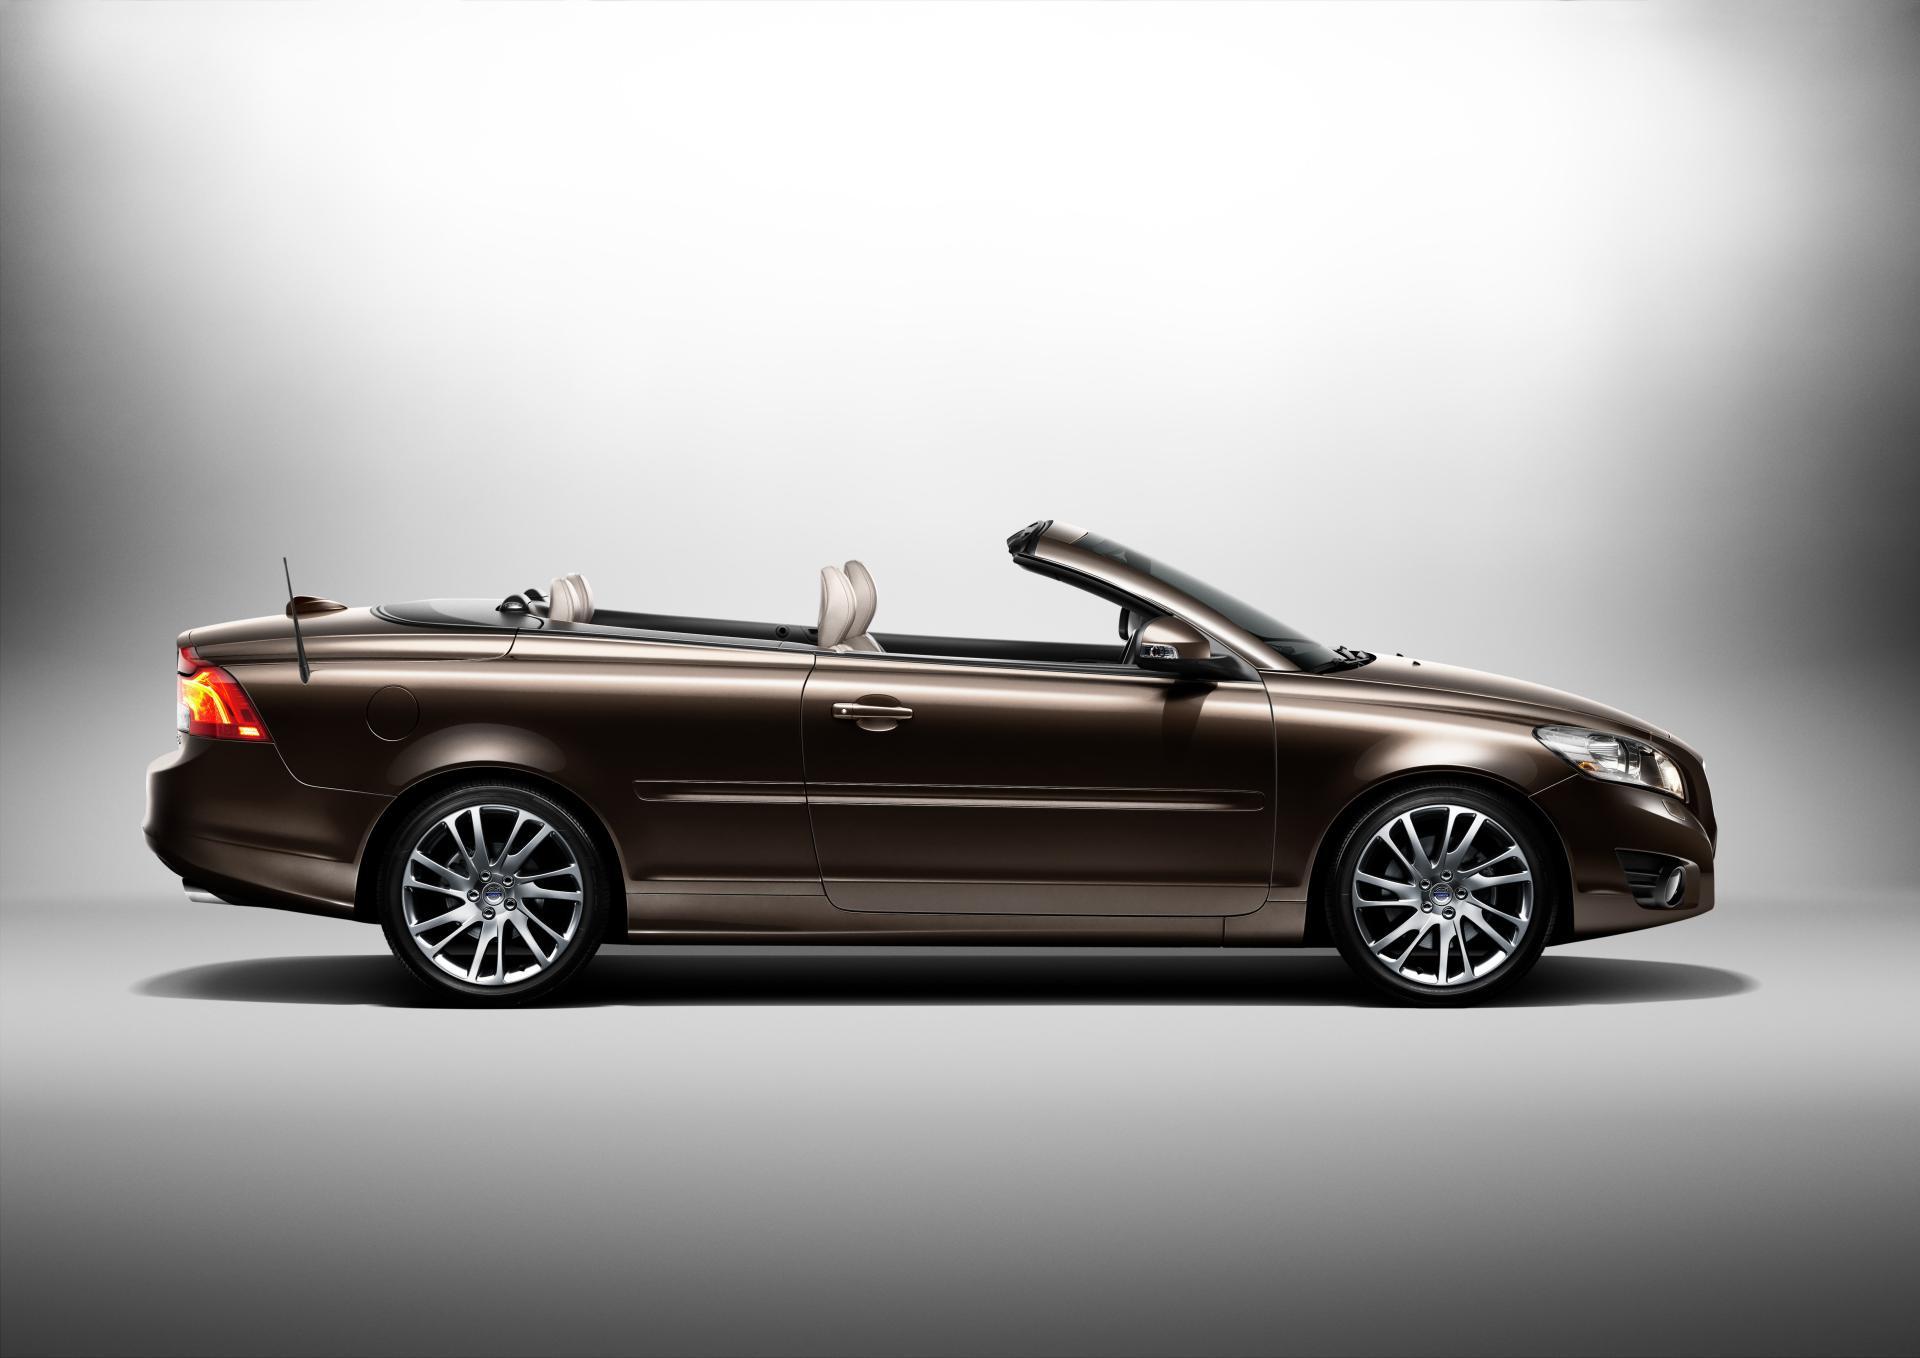 2012 Volvo C70 News and Information | conceptcarz.com